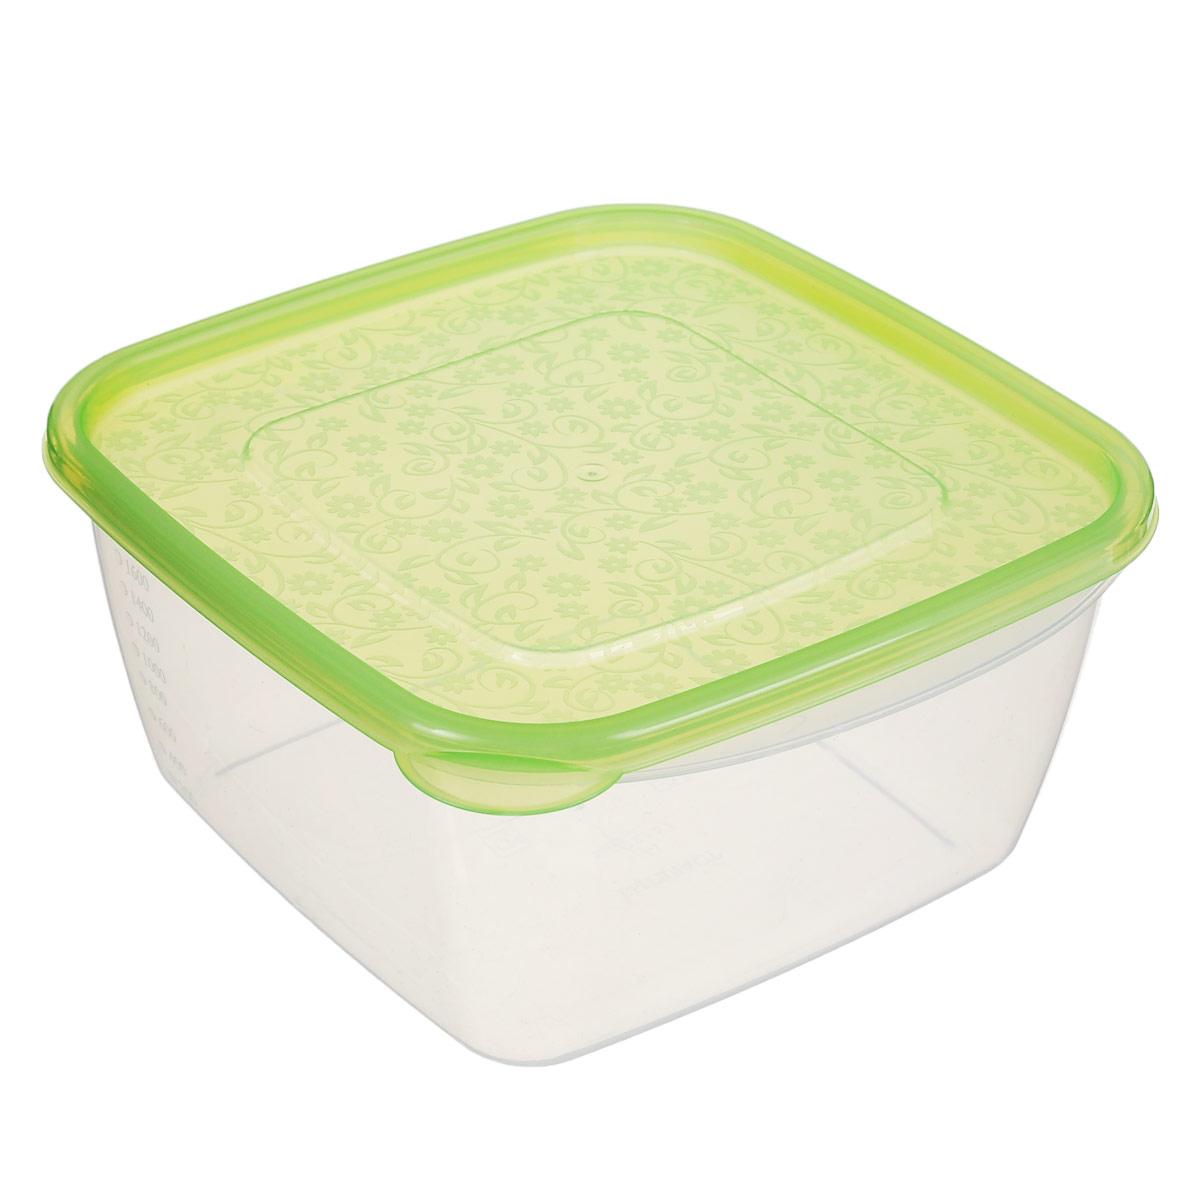 Контейнер Phibo Арт-Декор, цвет: салатовый, 2,1 л21395599Контейнер Phibo Арт-Декор изготовлен из высококачественного полипропилена и не содержит Бисфенол А. Крышка легко и плотно закрывается, украшена узором в виде цветков. Контейнер устойчив к воздействию масел и жиров, легко моется.Подходит для использования в микроволновых печах при температуре до +100°С, выдерживает хранение в морозильной камере при температуре -24°С, его можно мыть в посудомоечной машине при температуре до +95°С.